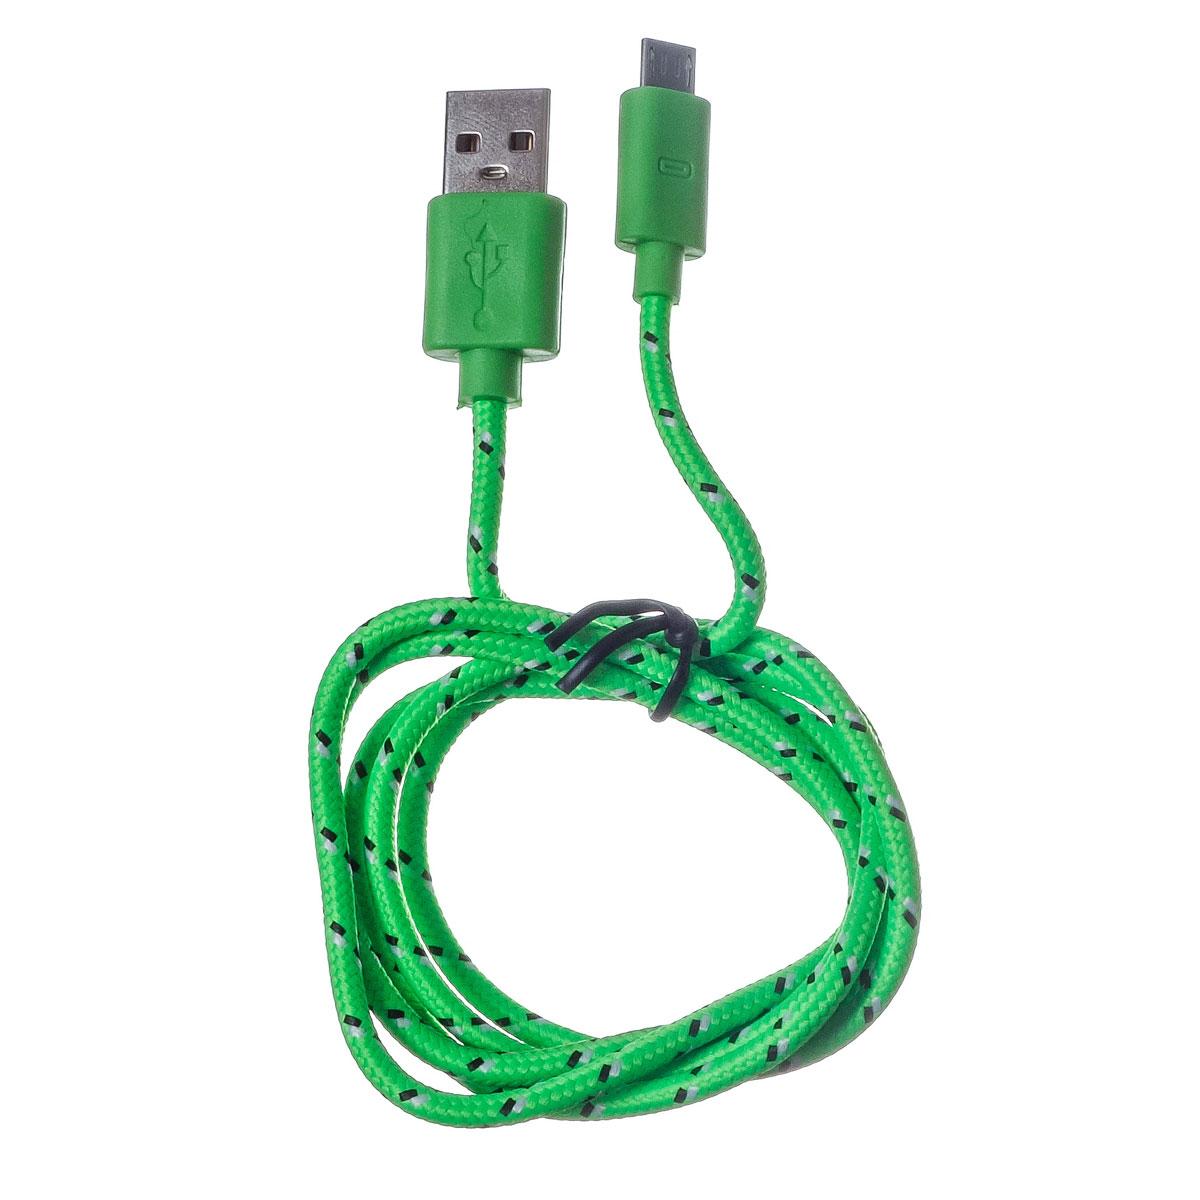 Harper CCH-511, Green USB-кабельH00000123Кабель Harper CCH-511 подходит для зарядки и синхронизации мобильных телефонов, смартфонов и других цифровых устройств с разъемом micro USB.